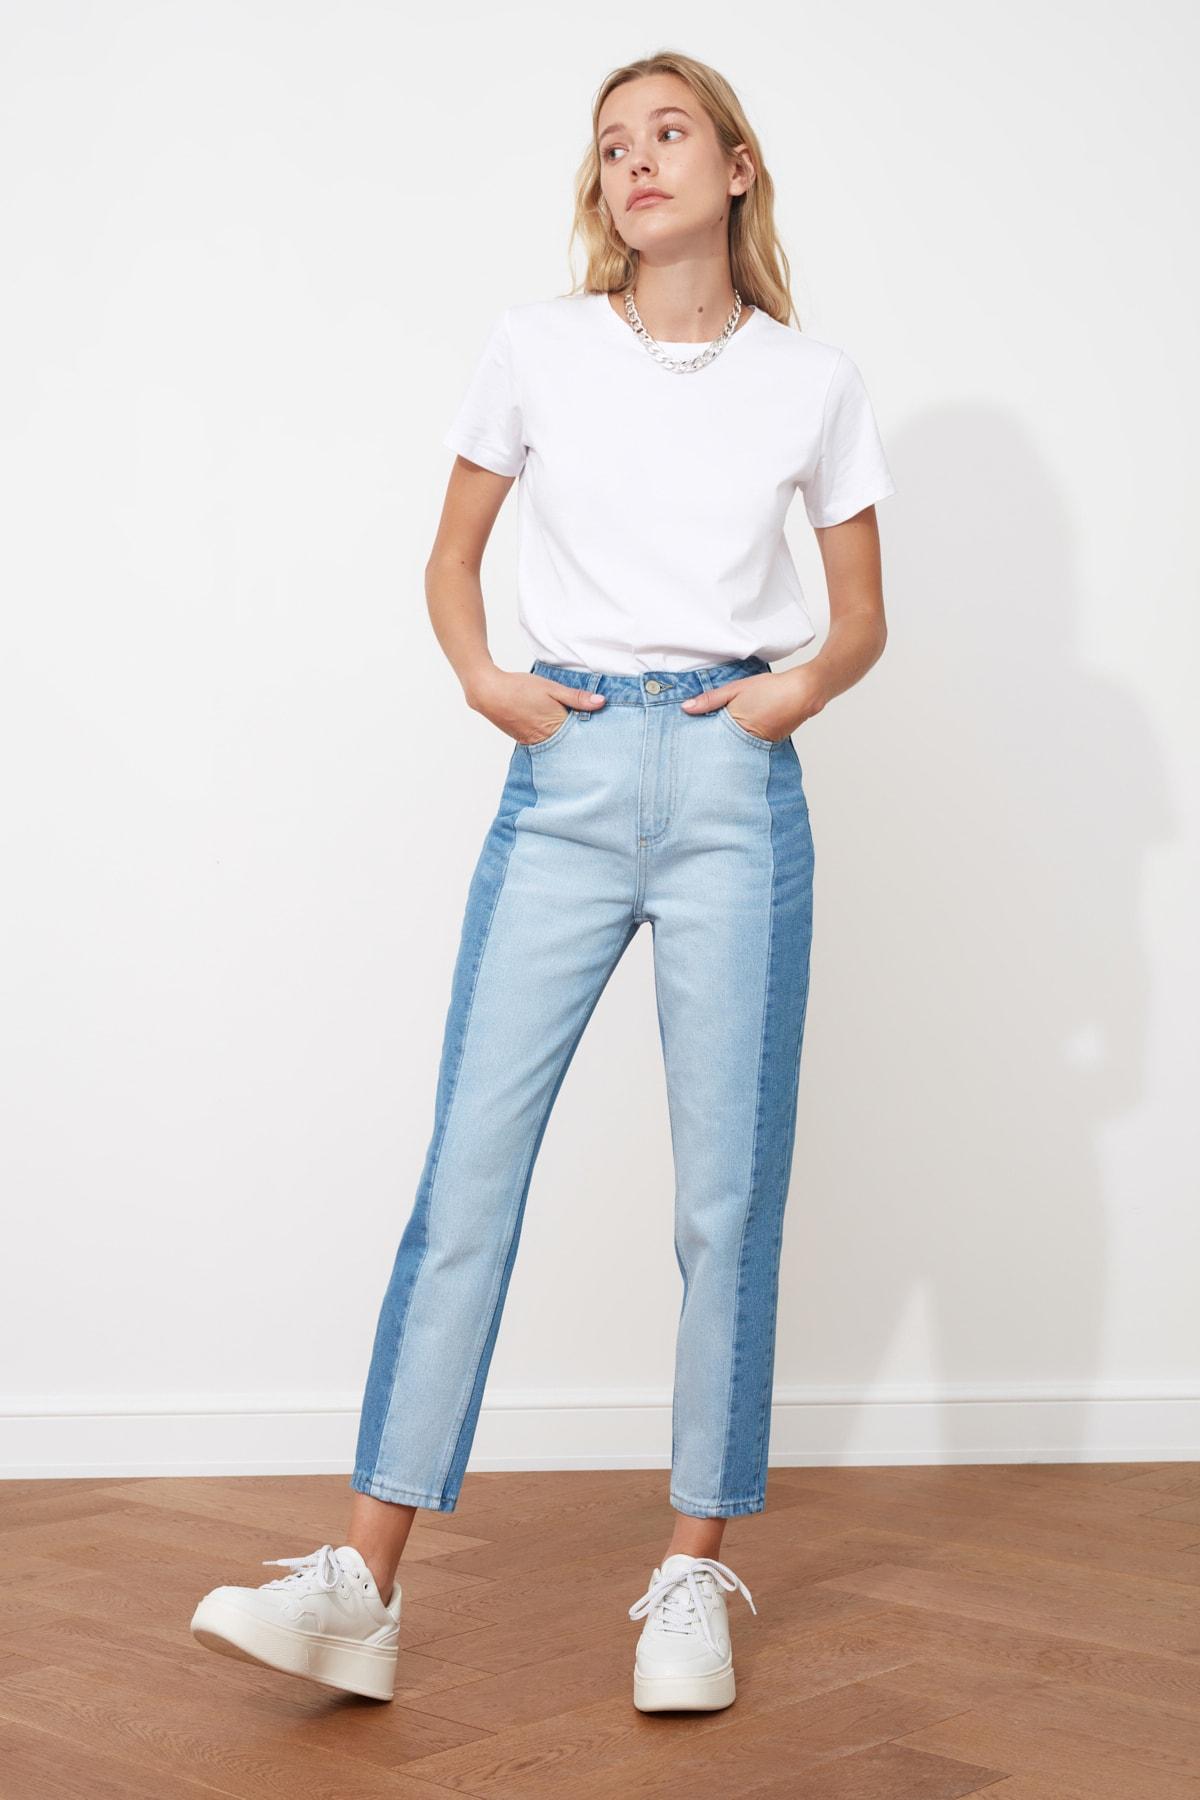 Trendyol Blocky High Bel Mom Jeans  Jeans Trousers Casual Denim Outerwear Blue Streetwear Vintage Women Fashion Jeans 2021